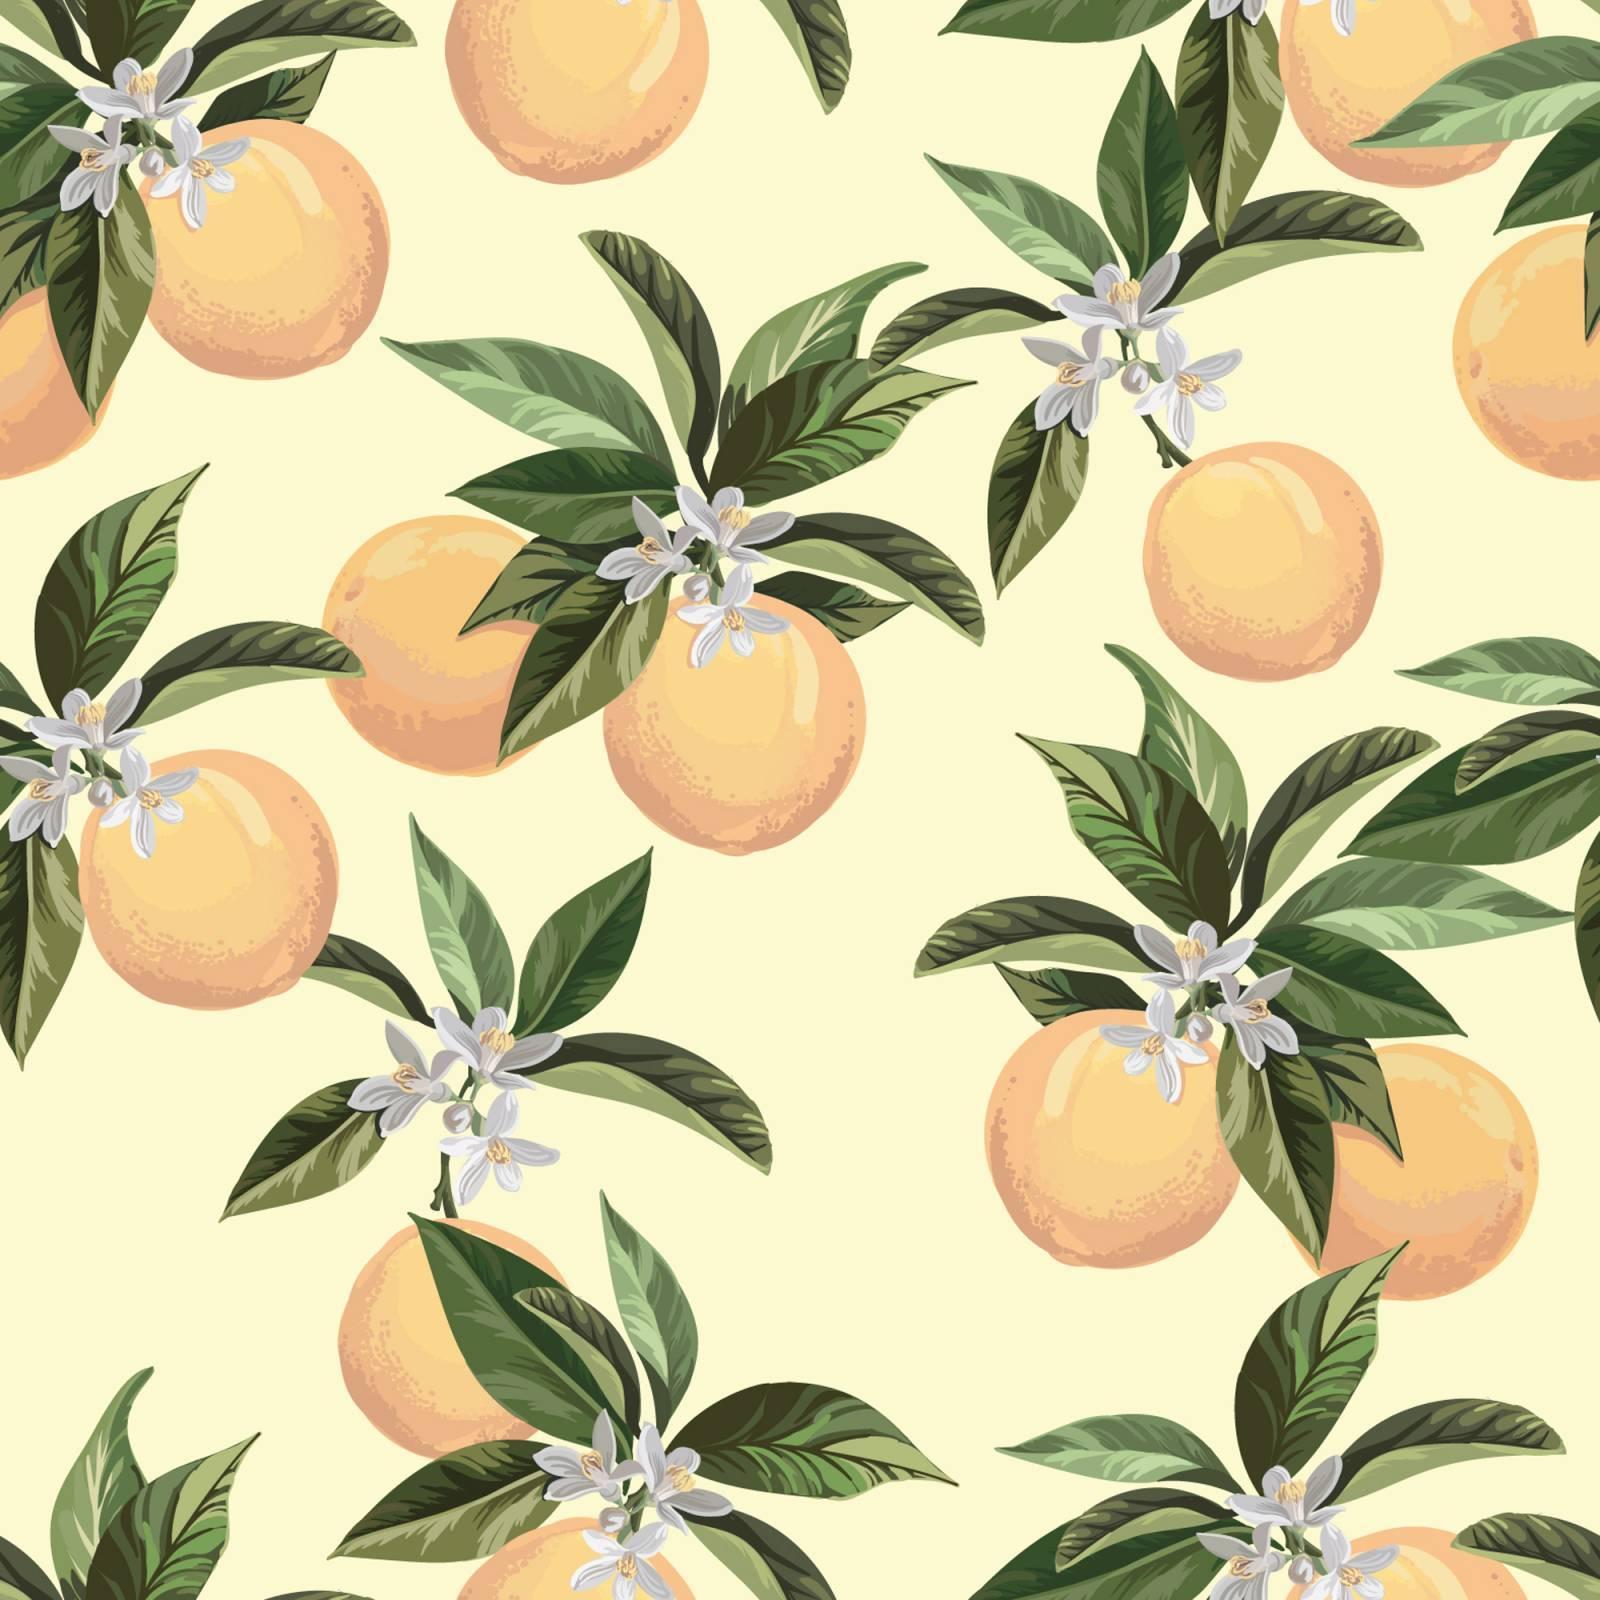 Papel de Parede Limão Siciliano | Adesivo Vinílico imagem 1